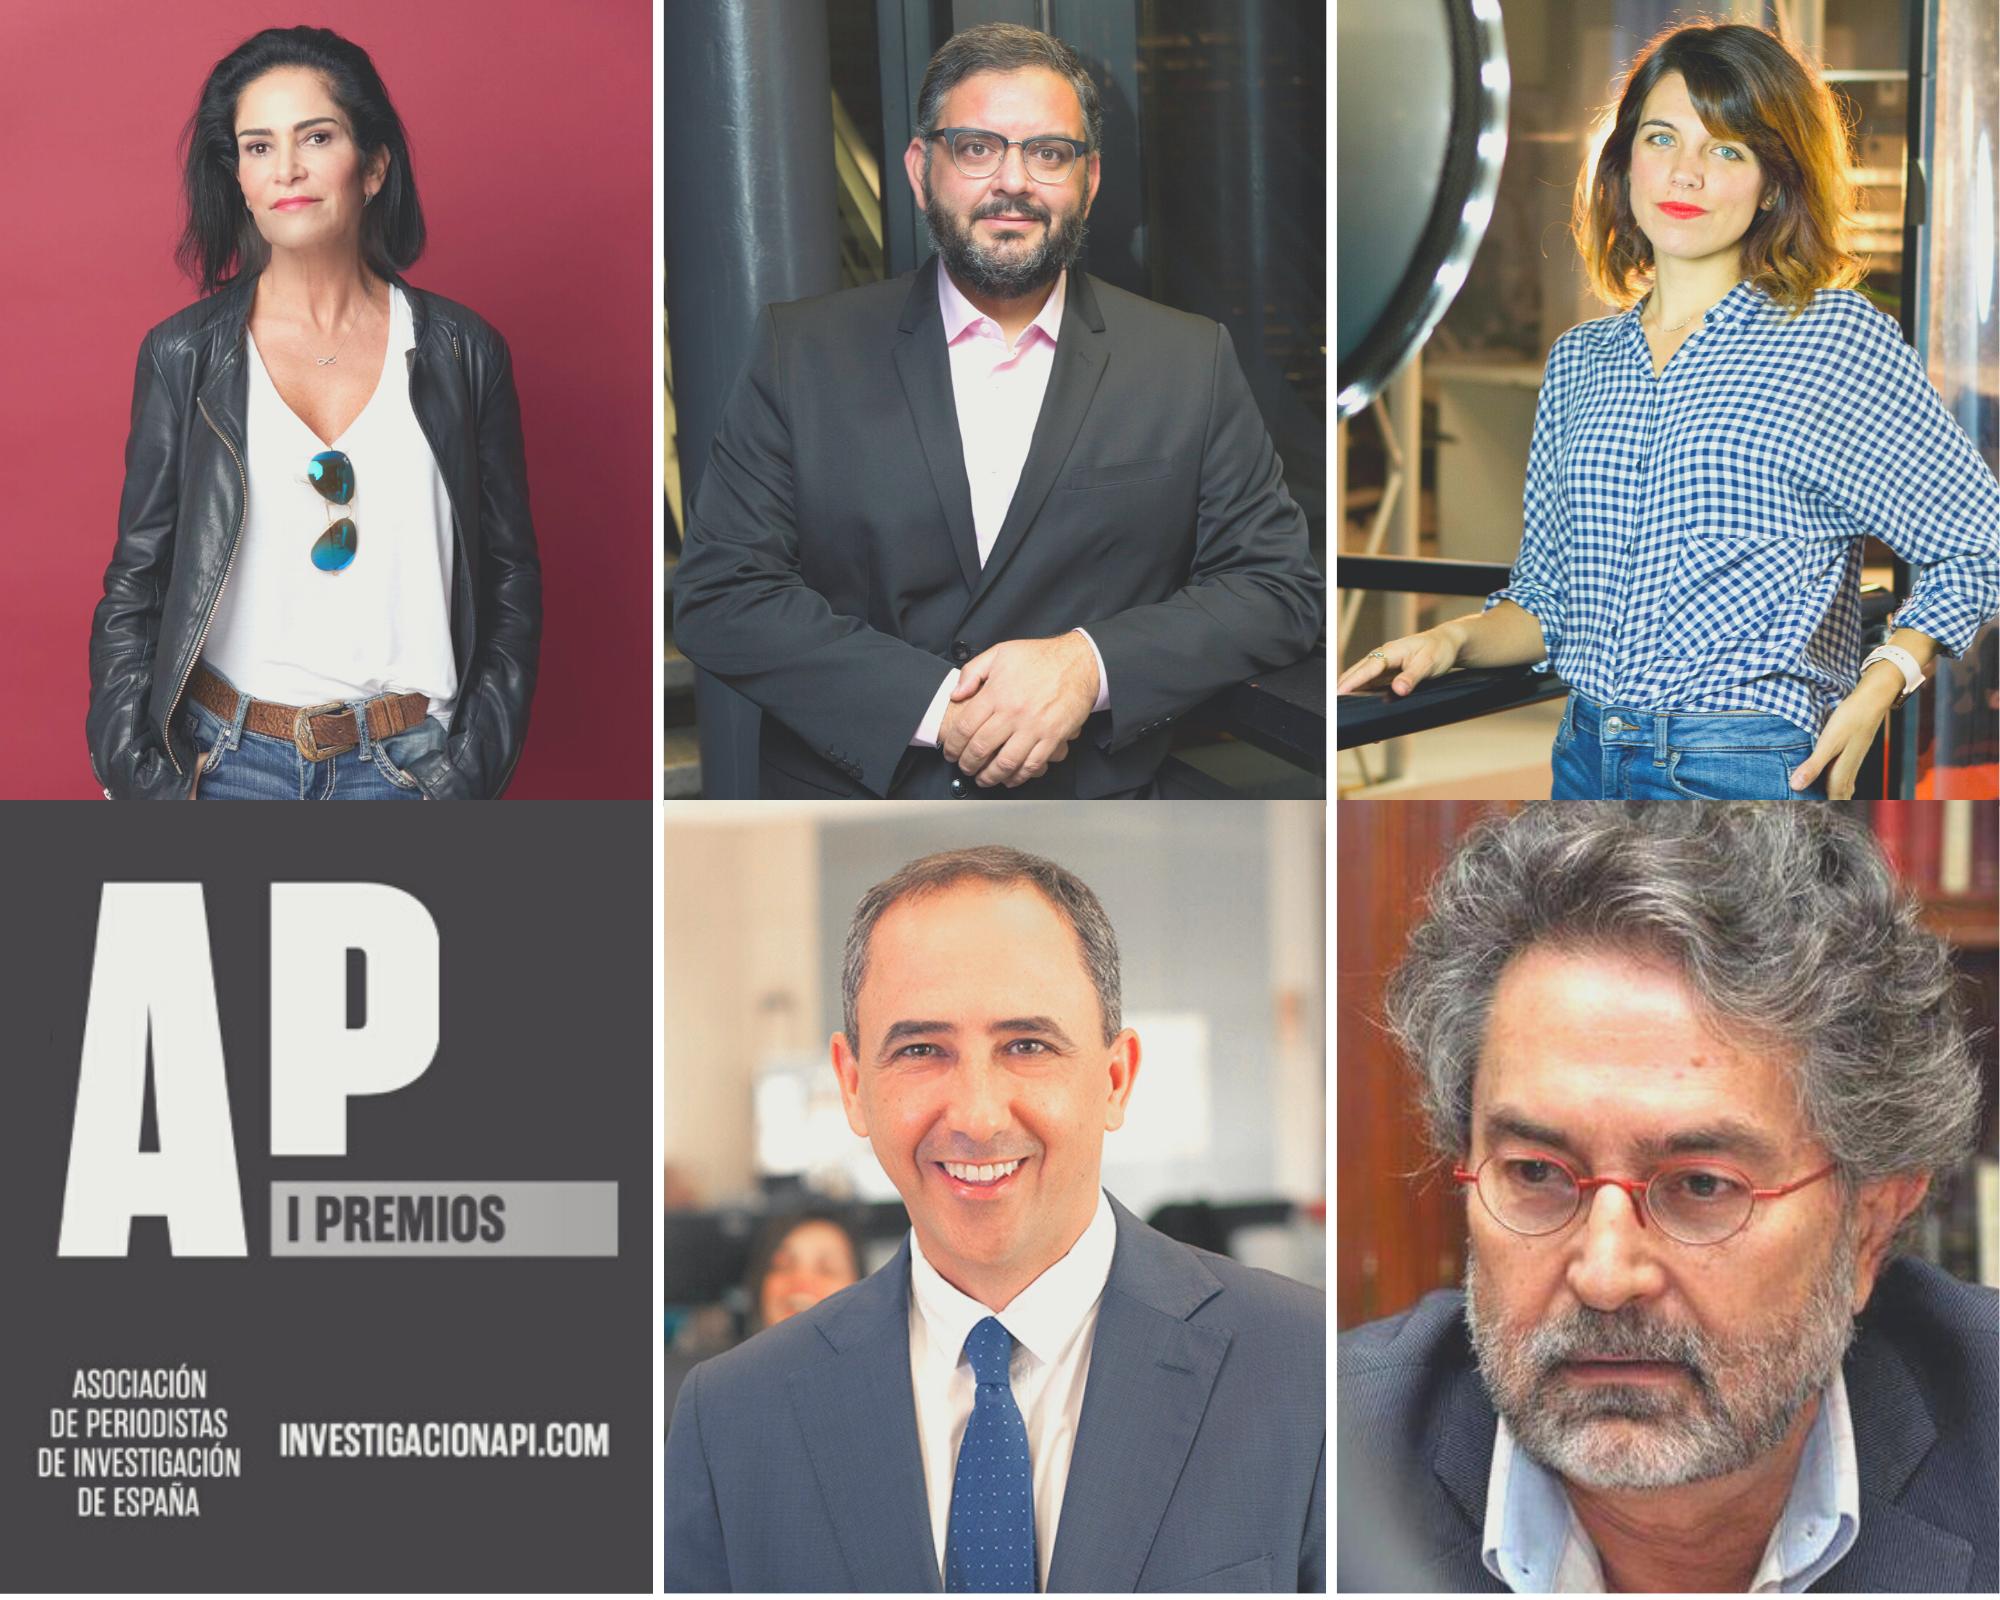 La reportera mexicana Lydia Cacho presidirá el jurado de la primera edición de los Premios de Periodismo de Investigación de la API